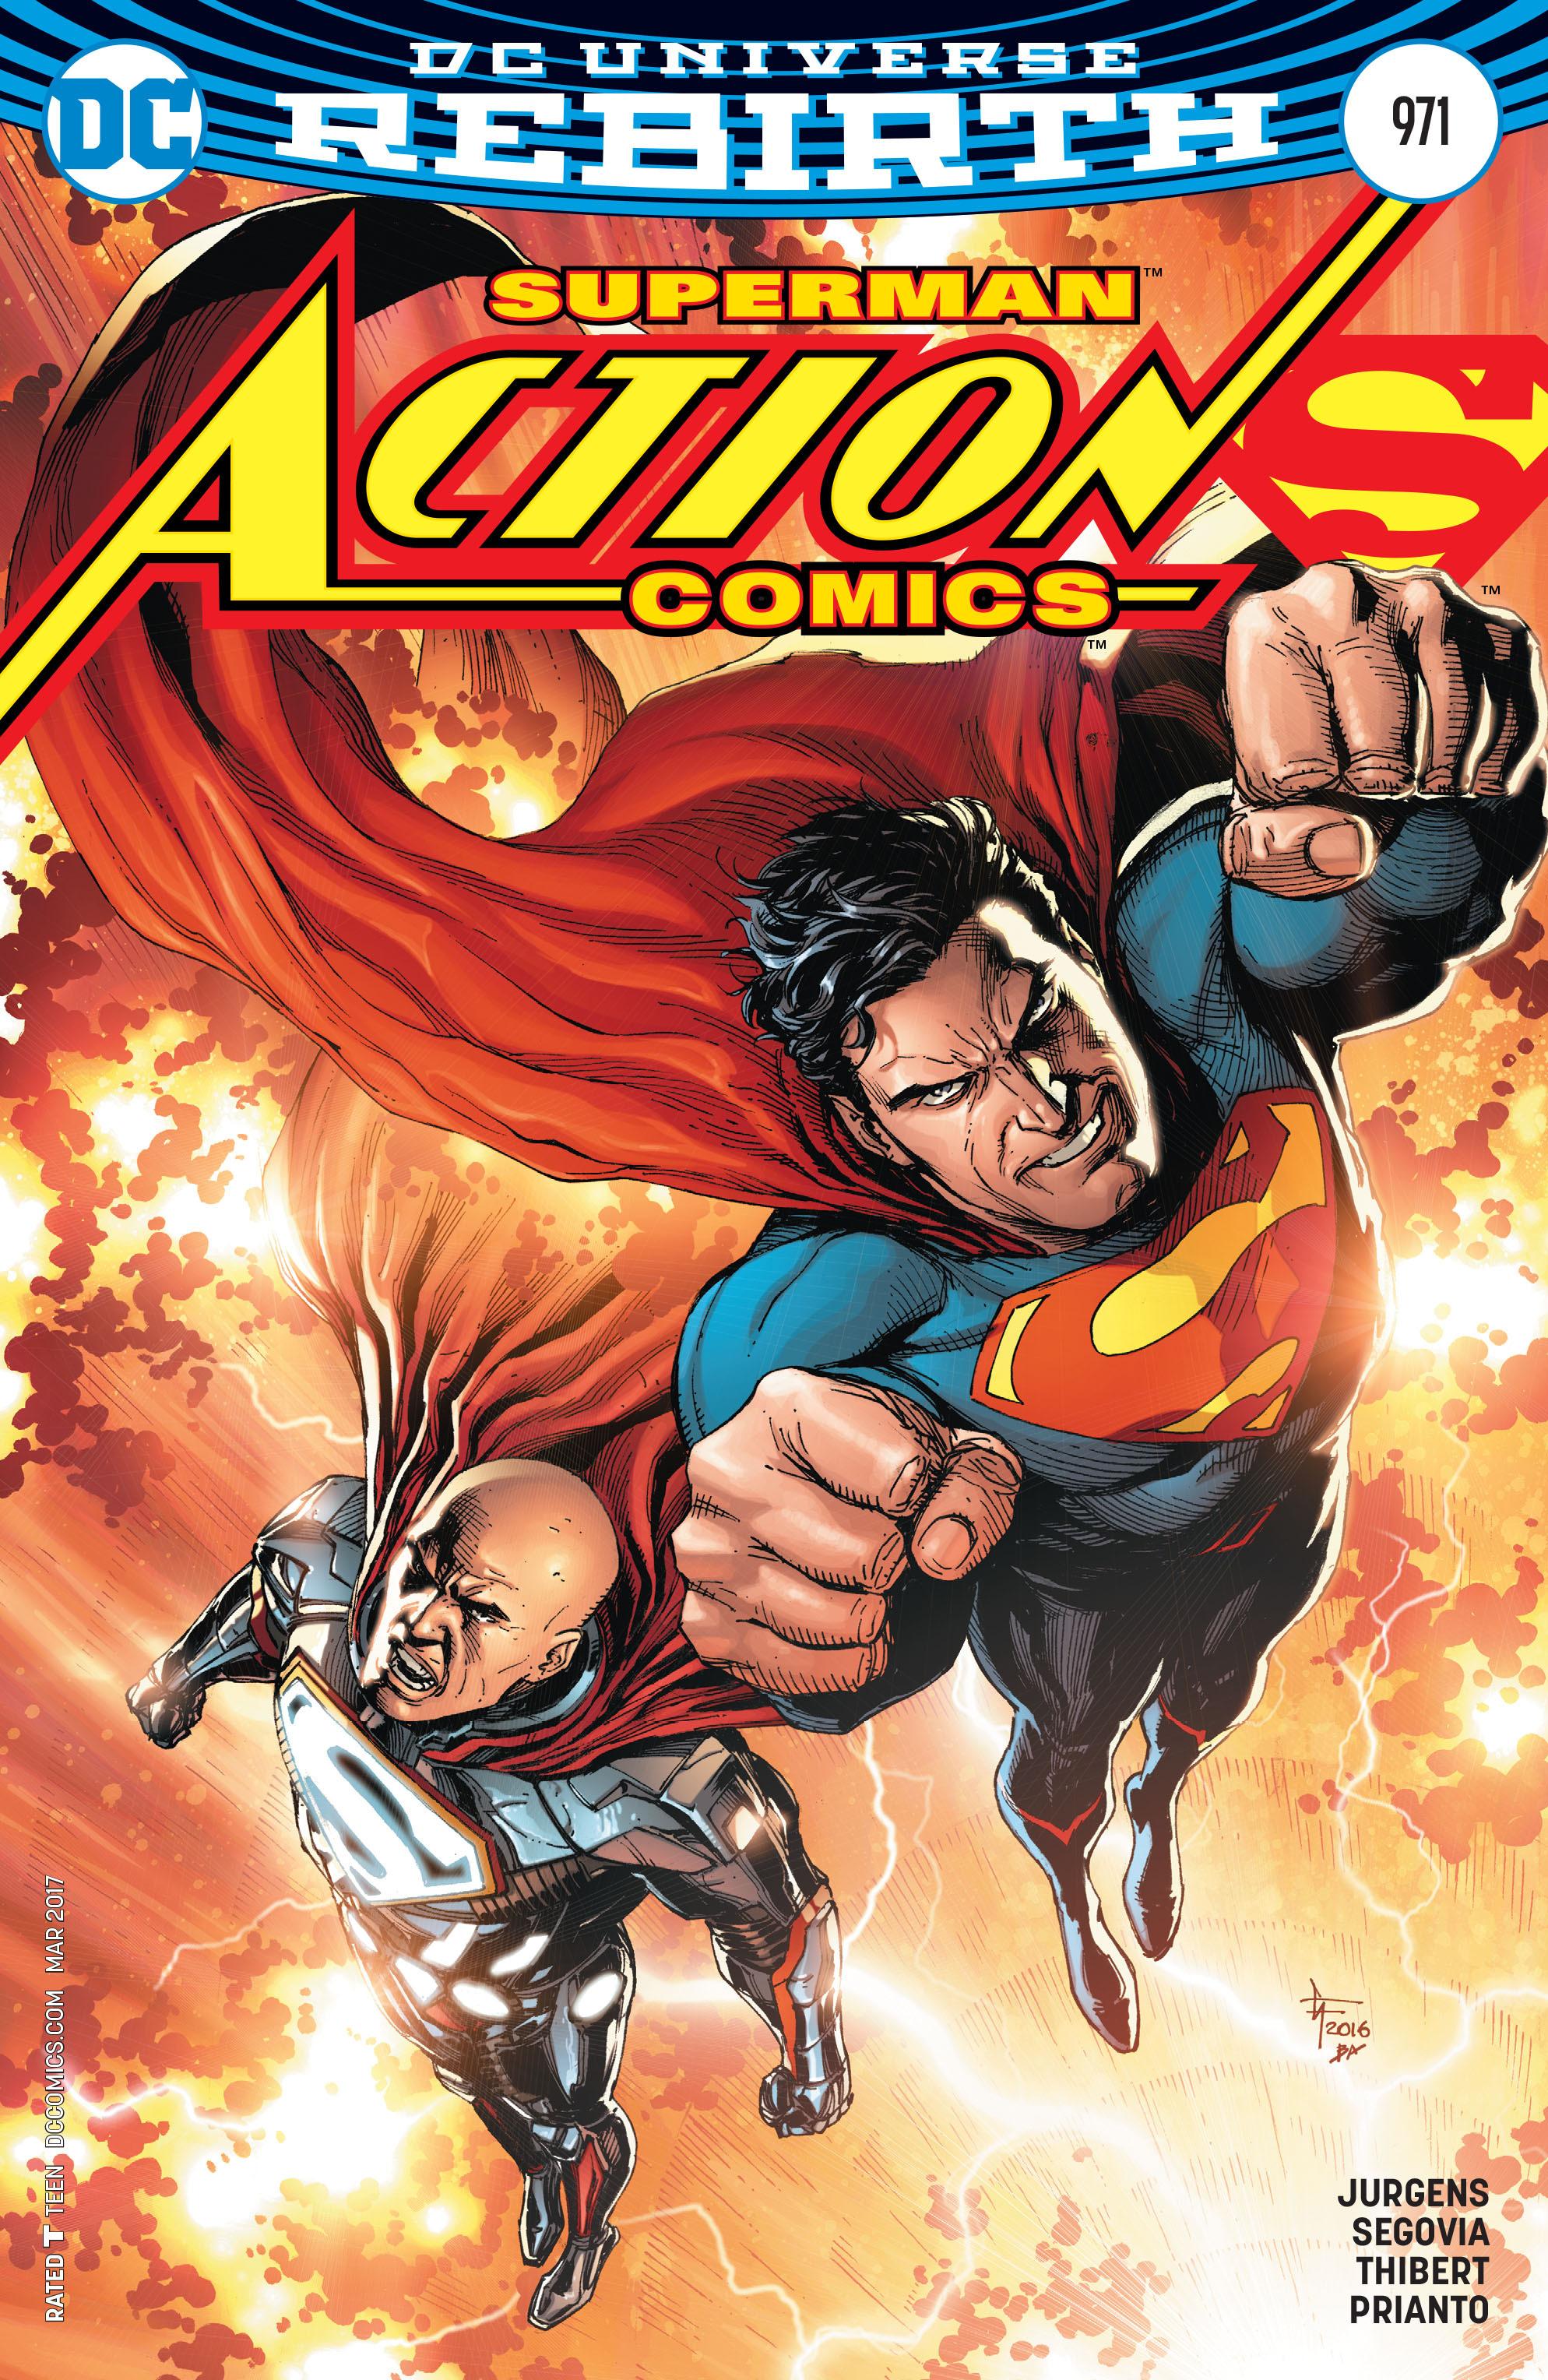 Action Comics Vol 1 971 Variant.jpg